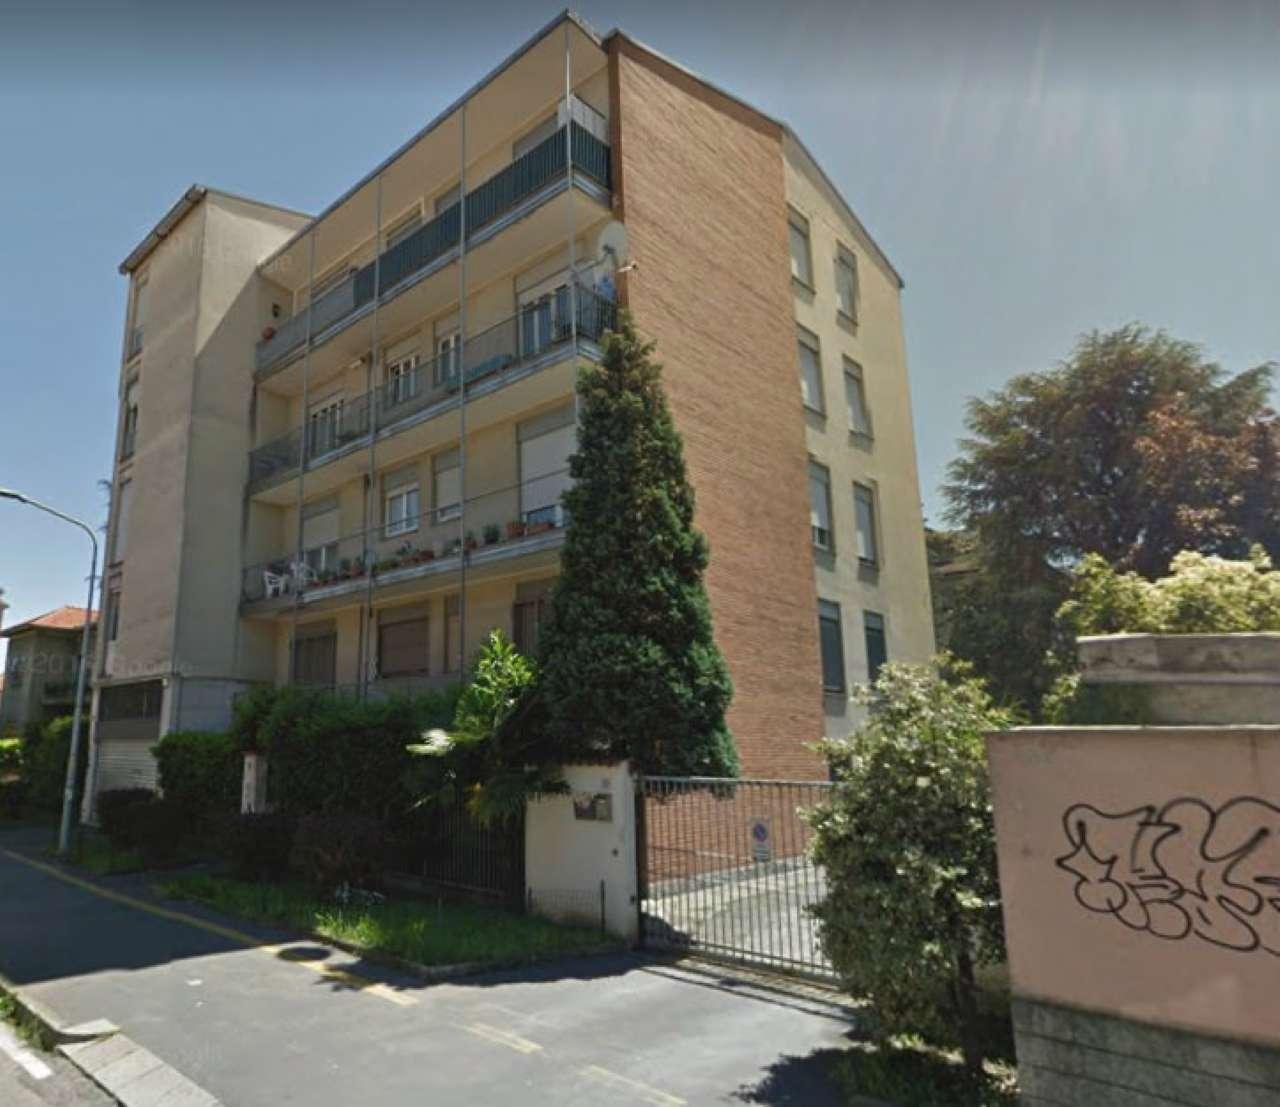 Stanza / posto letto in affitto Rif. 7932223